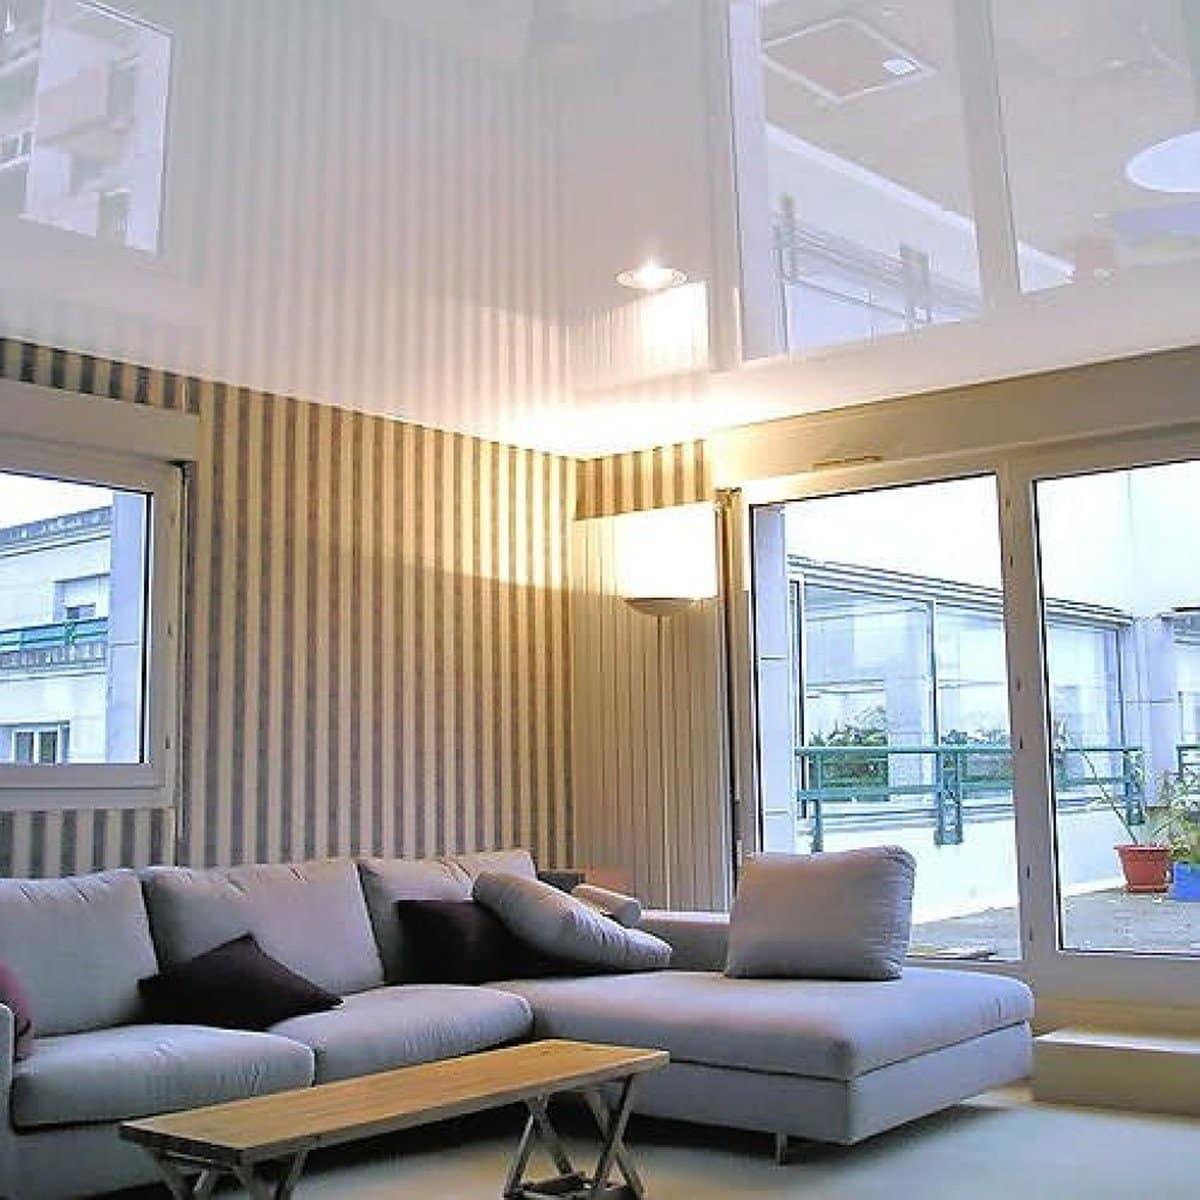 Установка натяжных потолков в низких комнатах | На сколько опускается натяжной потолок, как уменьшить его высоту